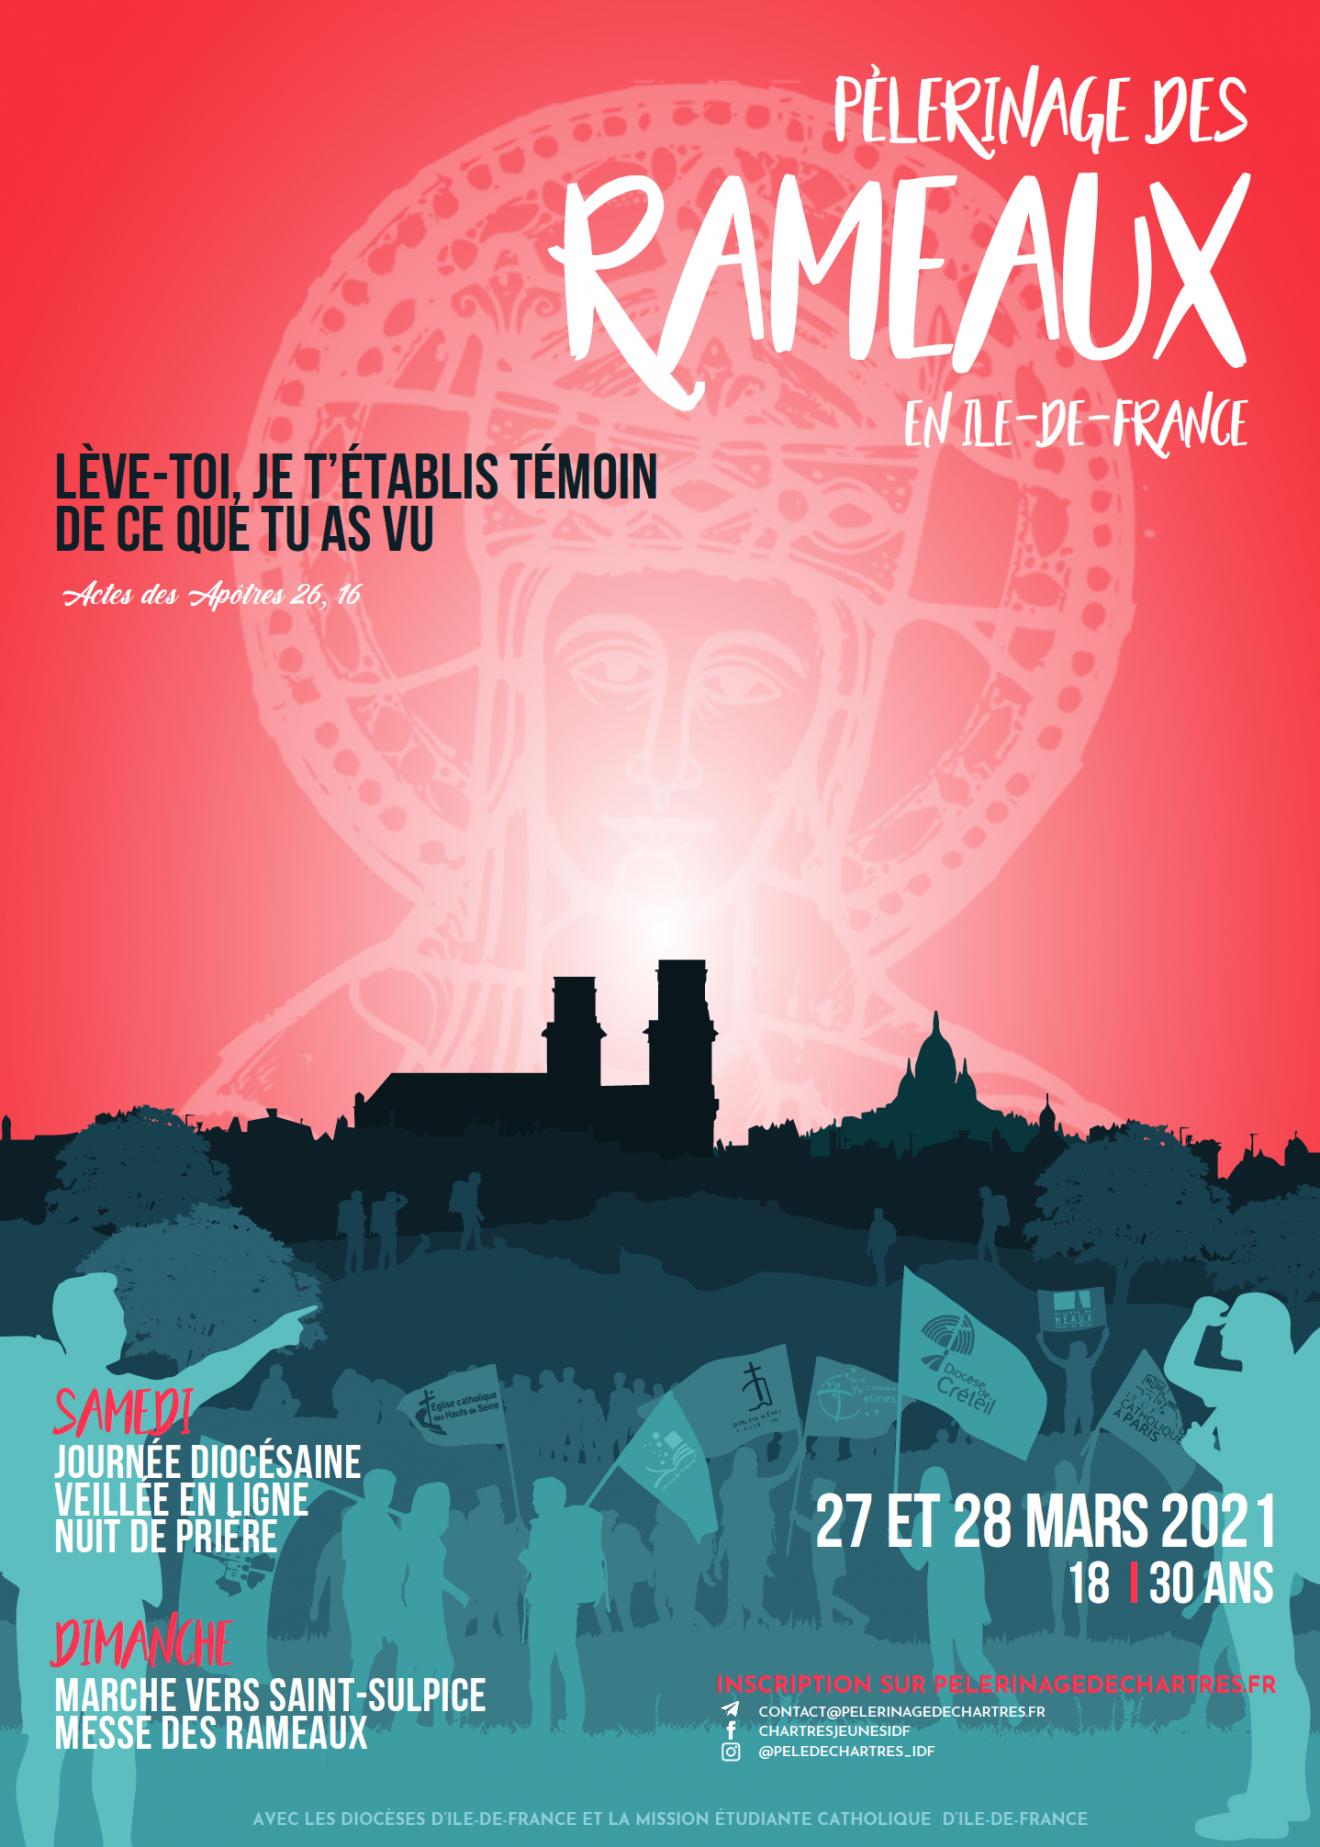 Pèlerinage de Chartres 2021 des jeunes d'Ile-de-France - dimanche 28 mars 2021